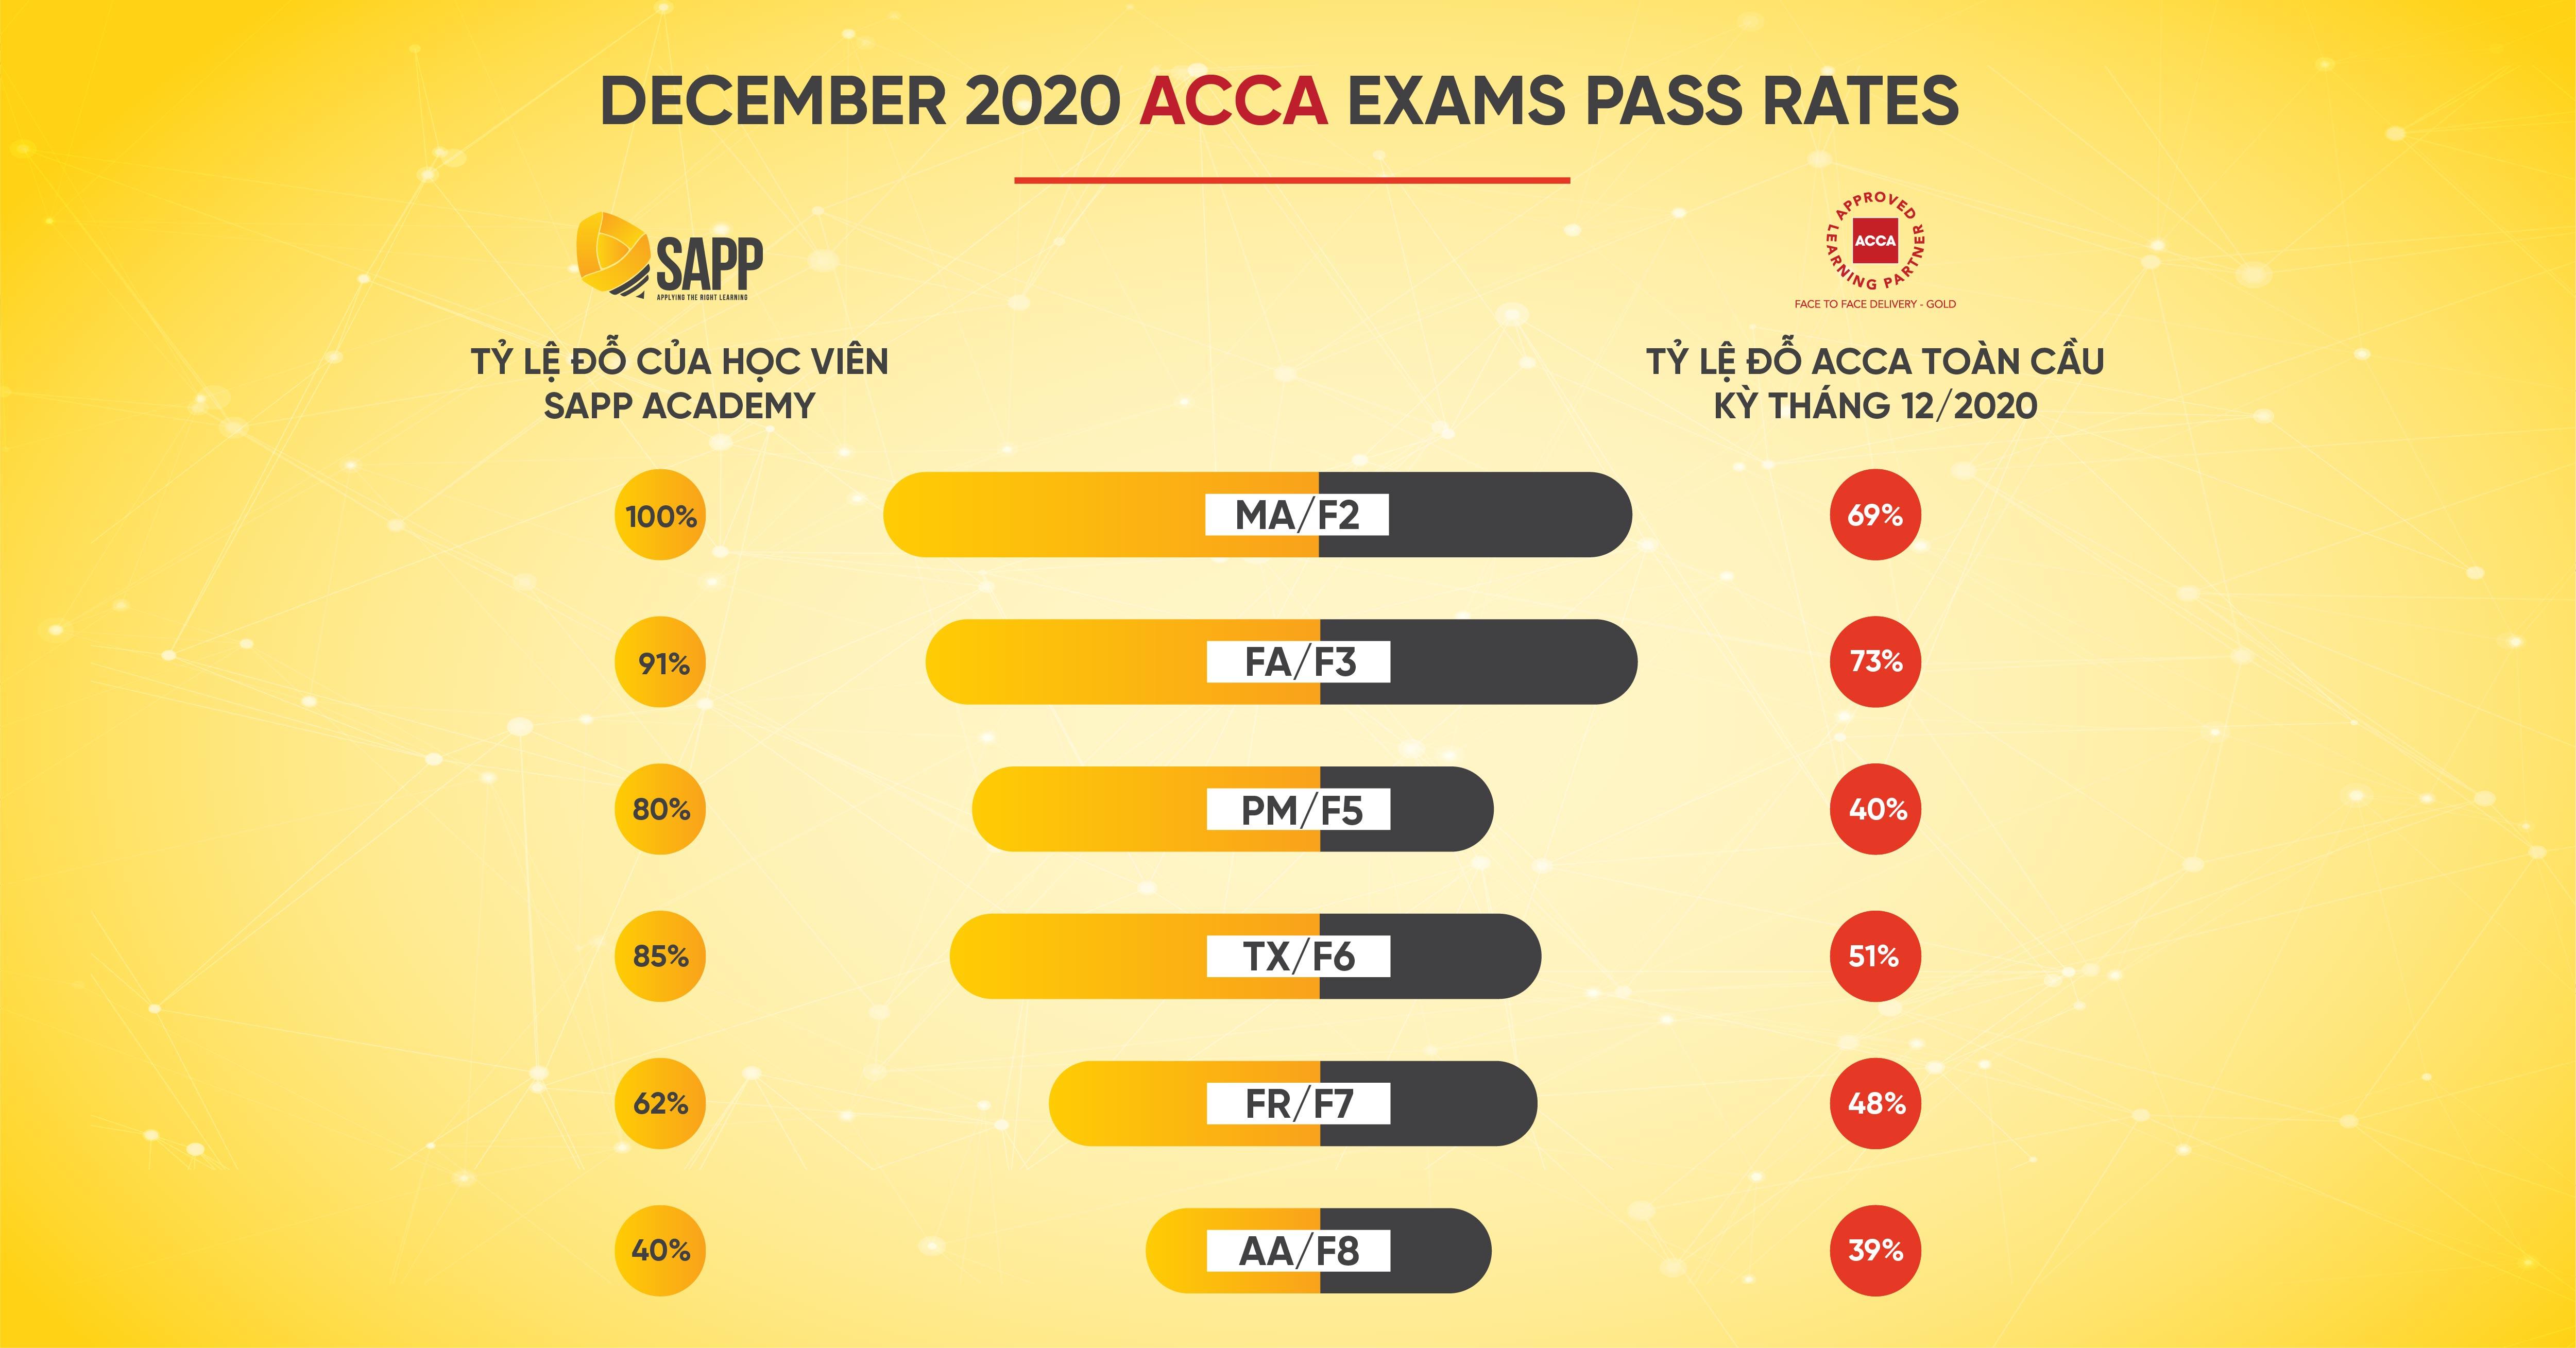 Tỷ lệ pass ACCA Kỳ tháng 12/2020 của SAPP Academy vượt trội hơn toàn cầu